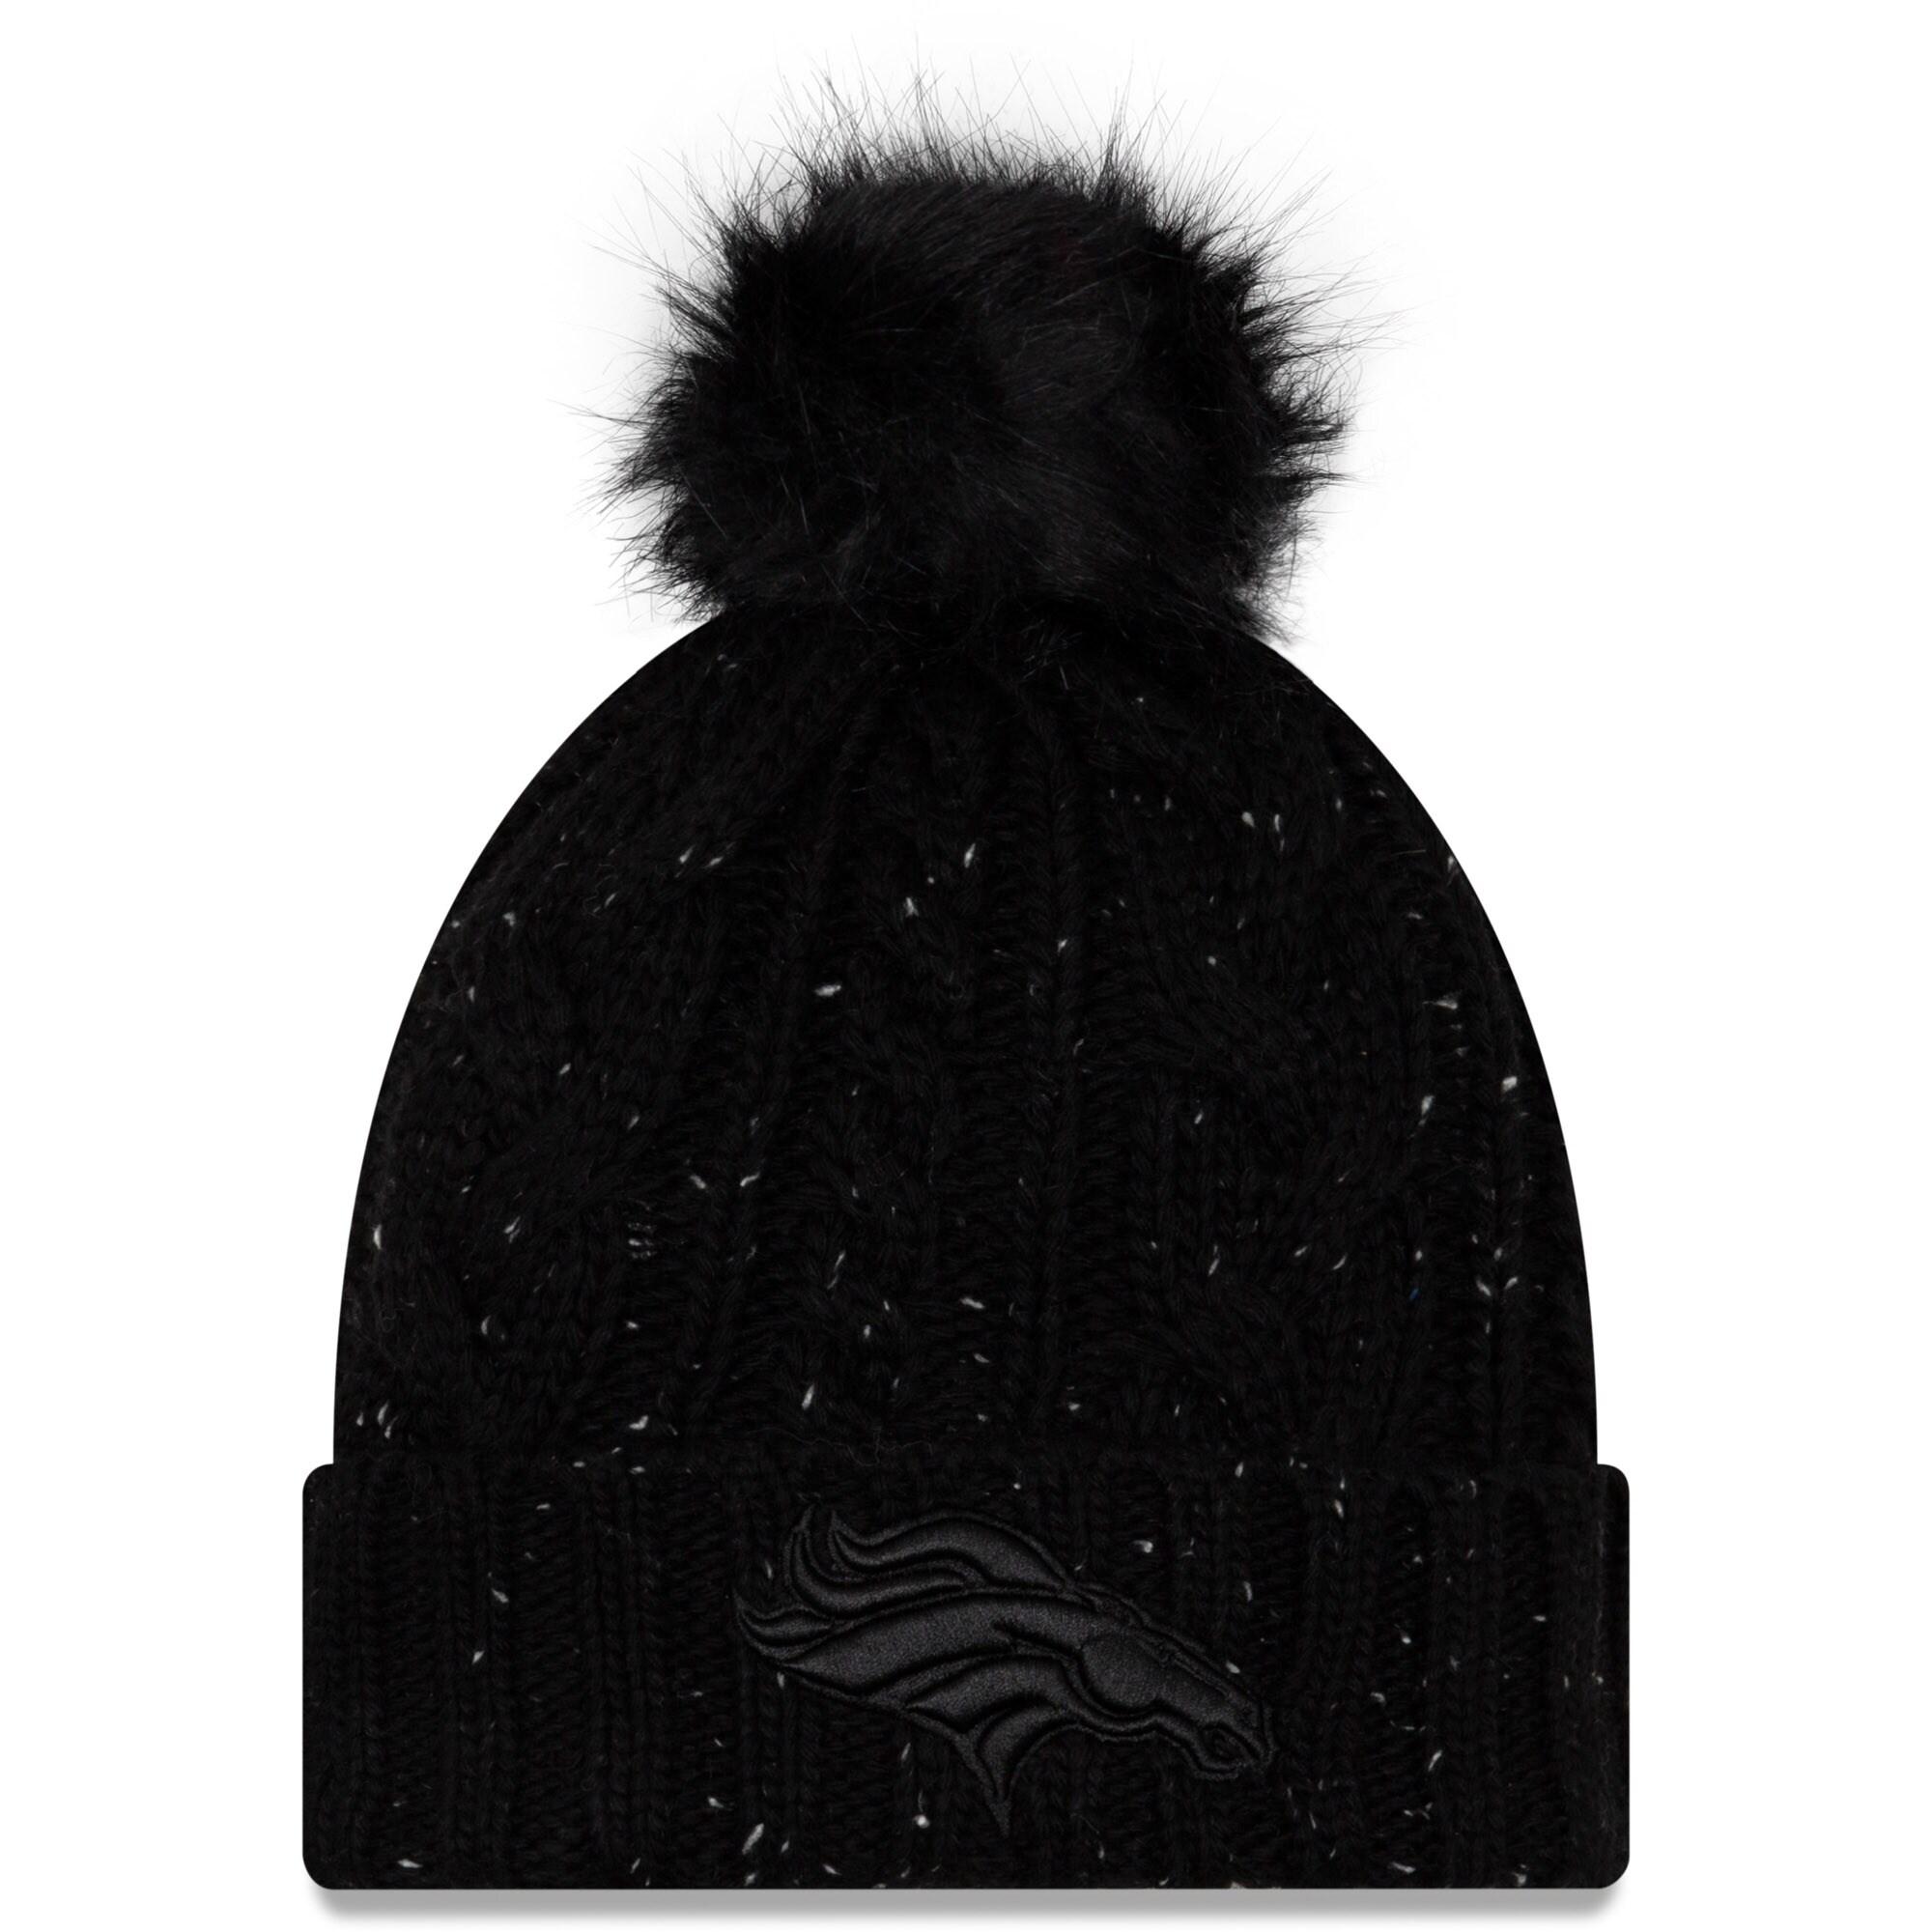 Denver Broncos New Era Women's Cuffed Knit Hat with Fuzzy Pom - Black